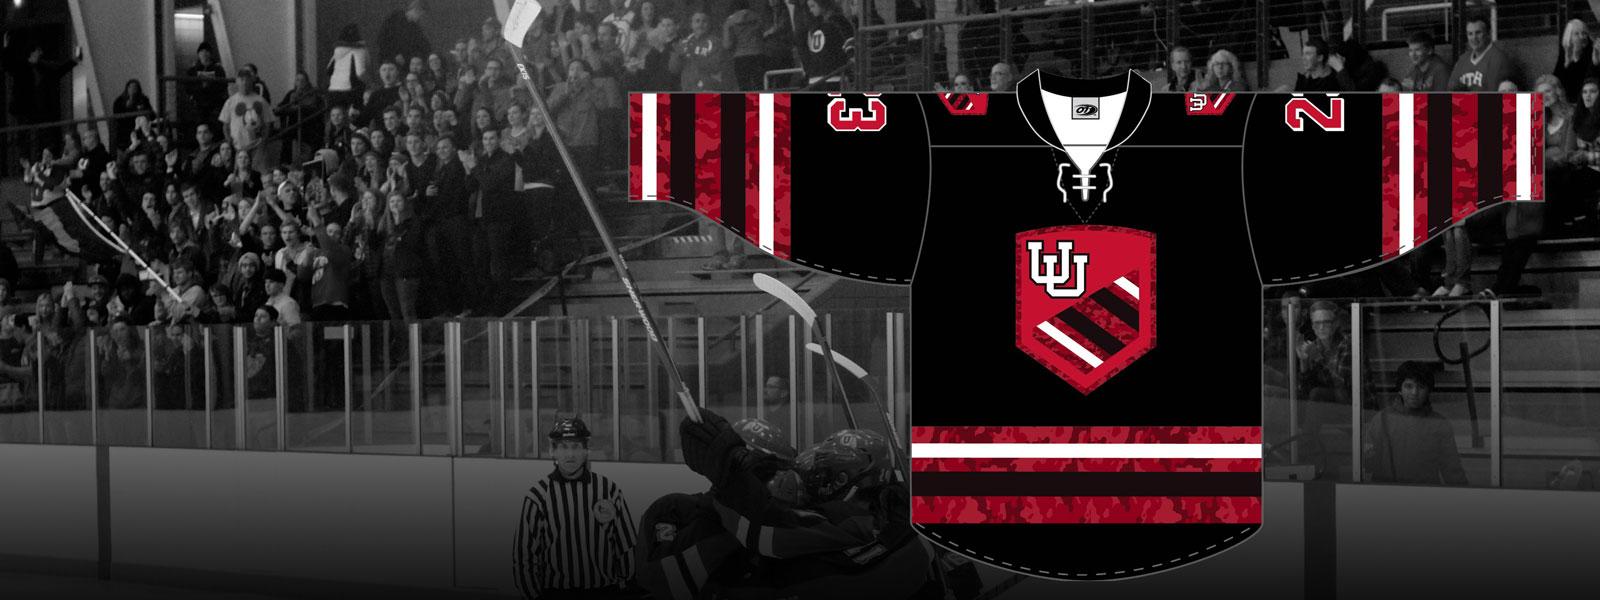 Utah Hockey to Honor Those Who Serve